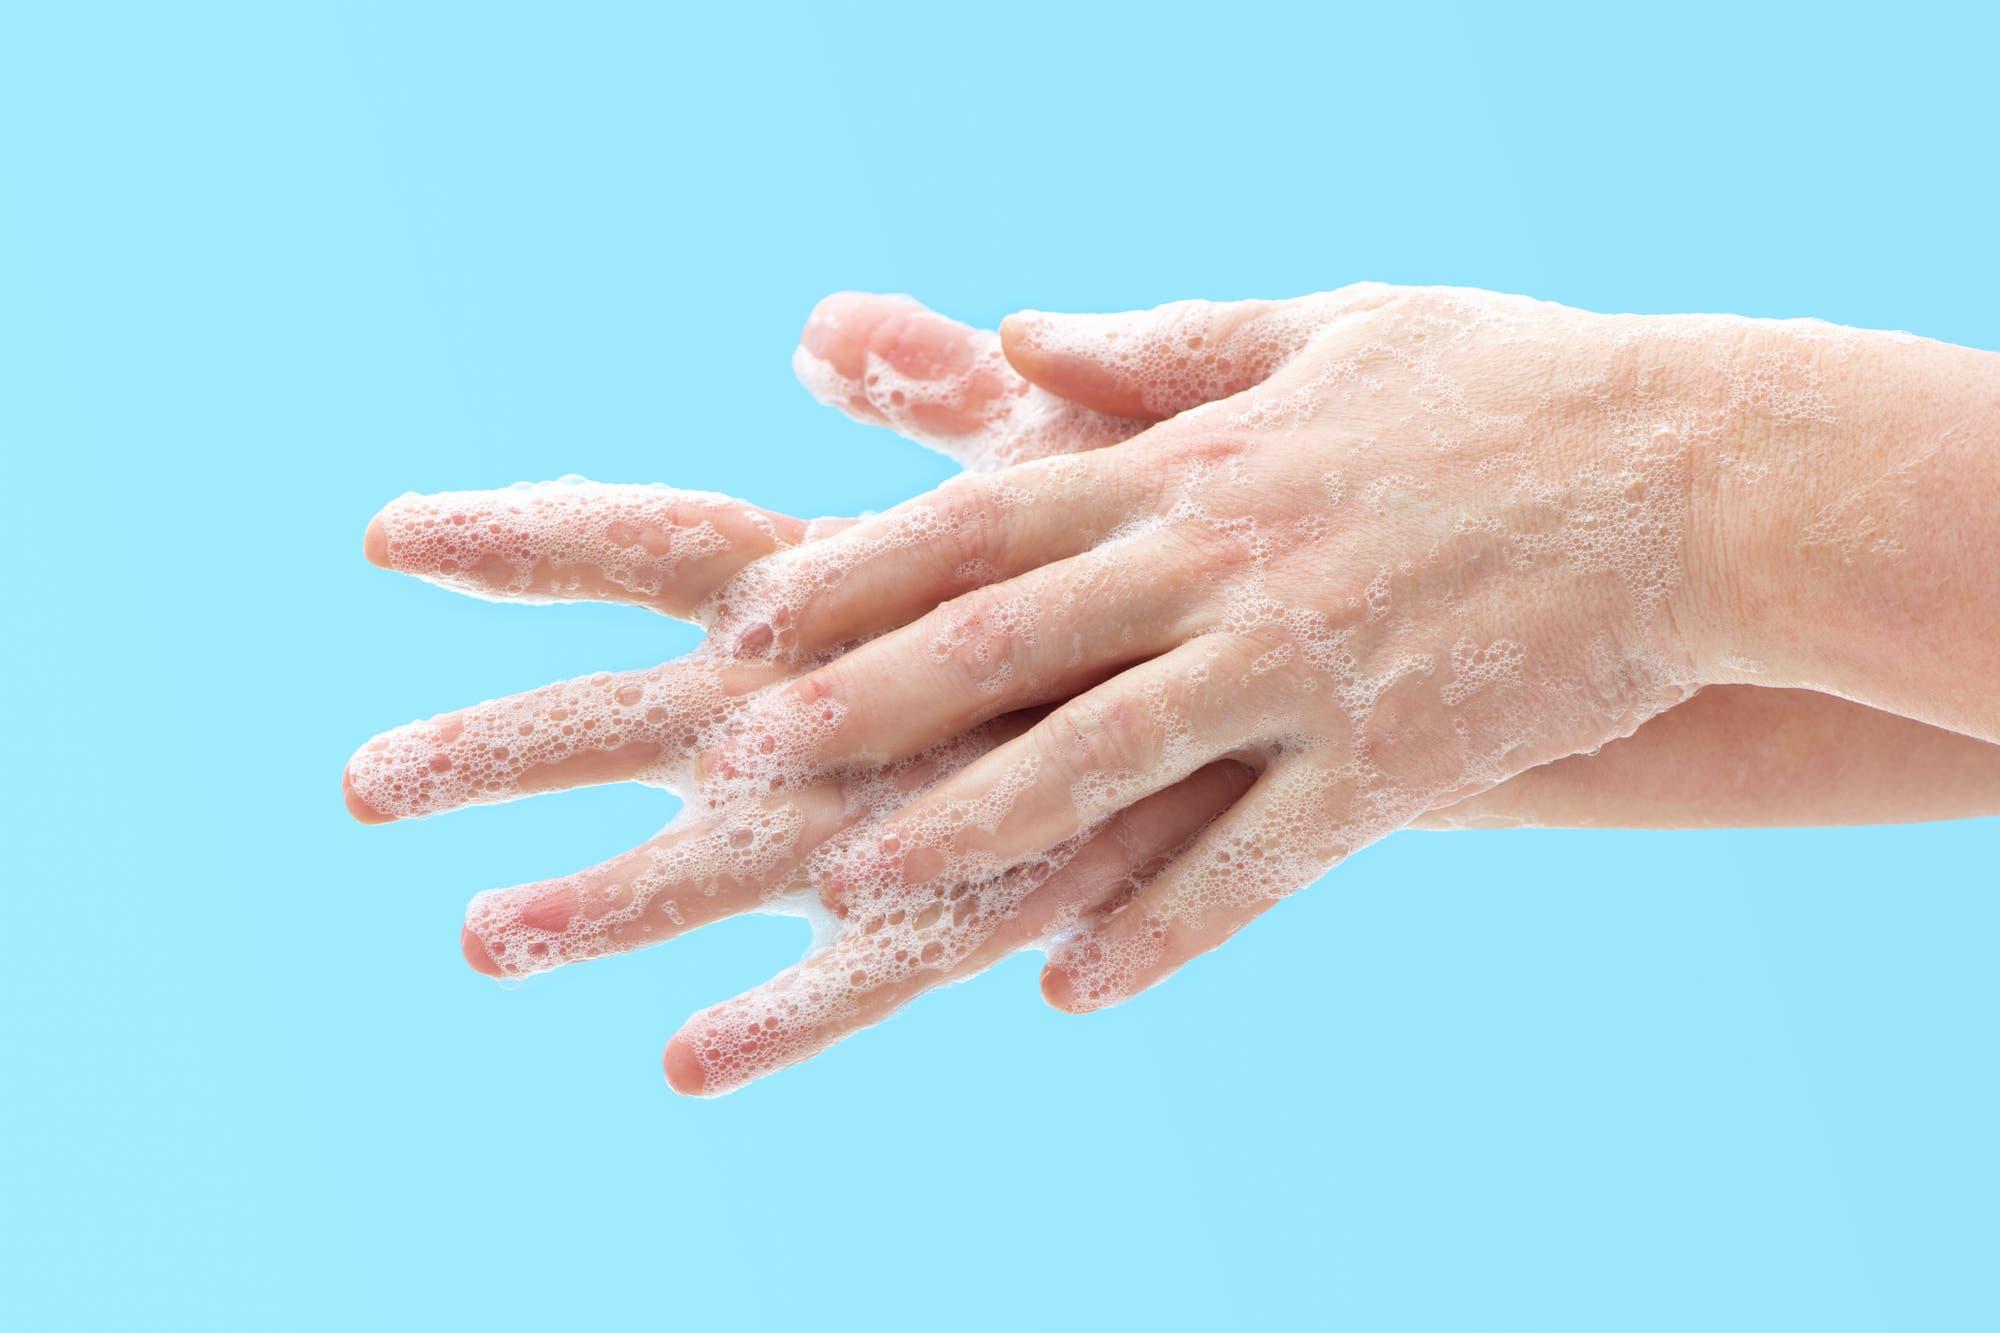 Für den äußeren Intimbereich können Mädchen und Frauen pH-neutrale Waschlotionen verwenden.